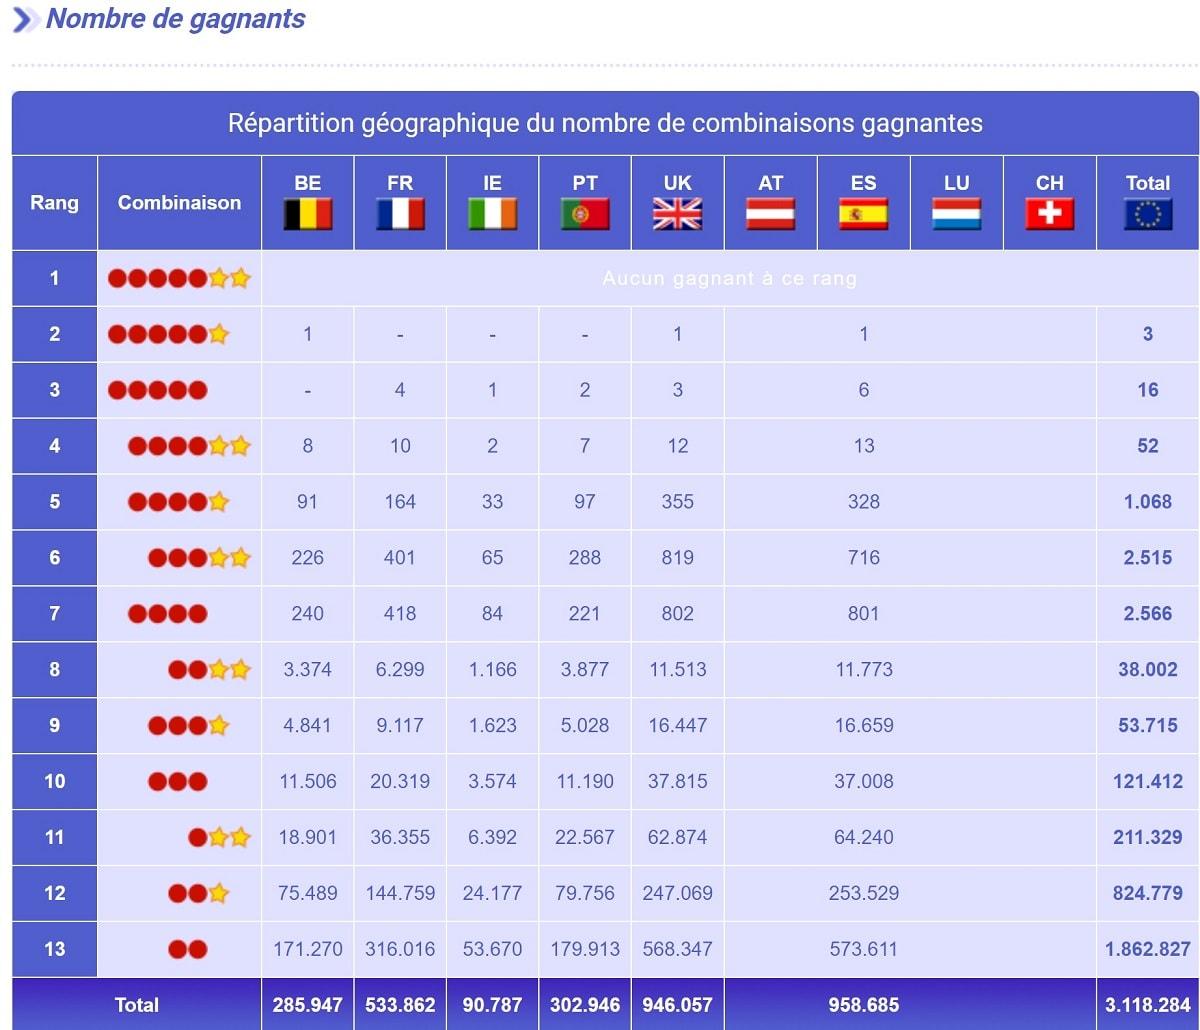 rapport de gains Euromillions du 24 septebre 2019 : nombre de gagnants par rang